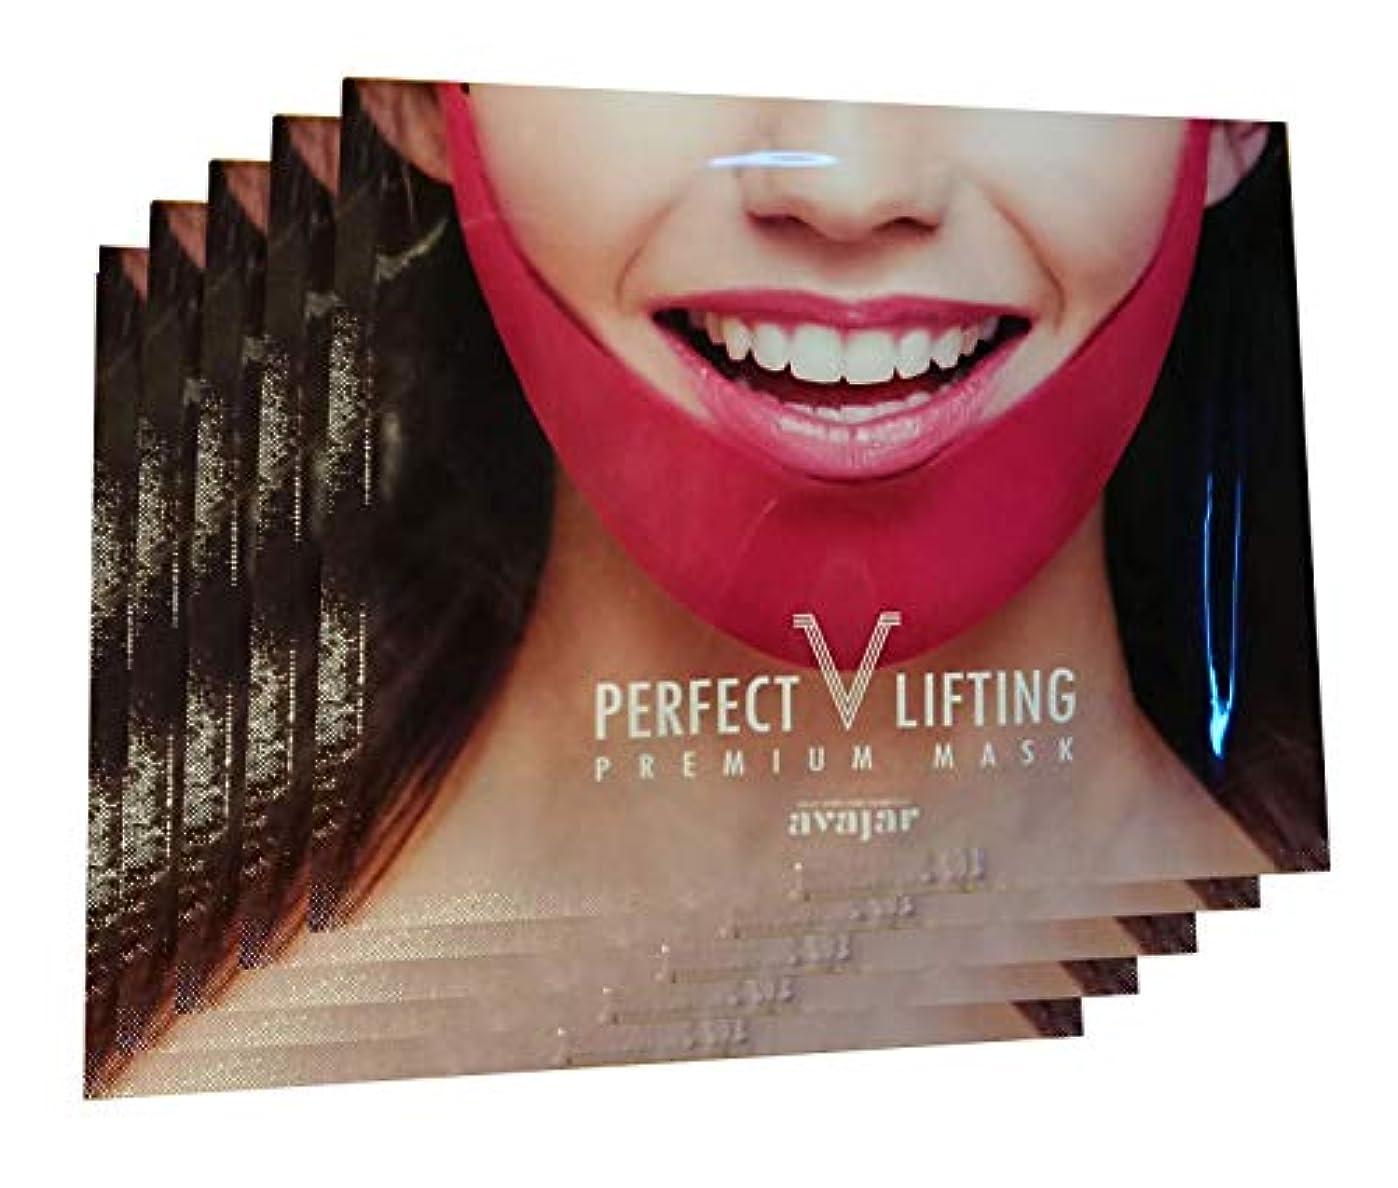 自明珍味入射Avajar 小顔効果と顎ラインを取り戻す! パーフェクトVリフティング 1パック